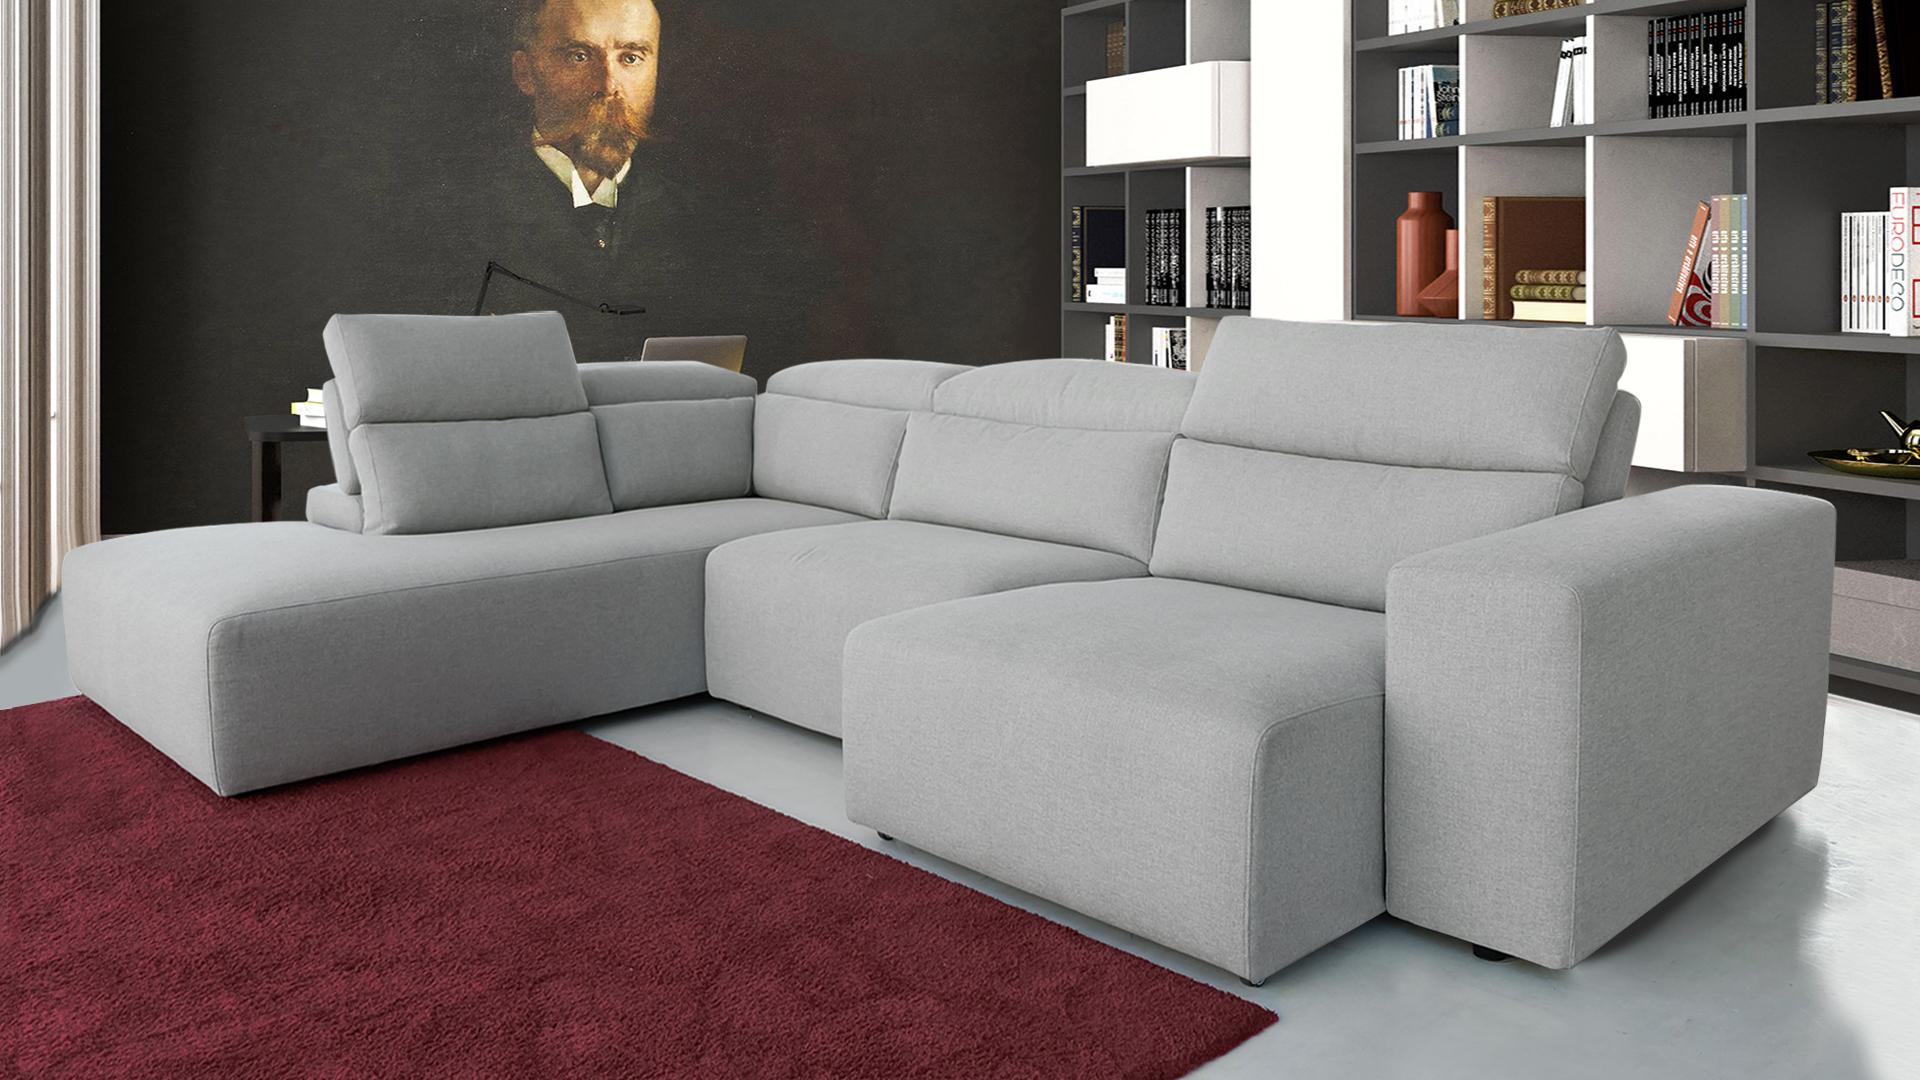 divano-angolare-sedute-estraibili-tommy-3-murtarelli